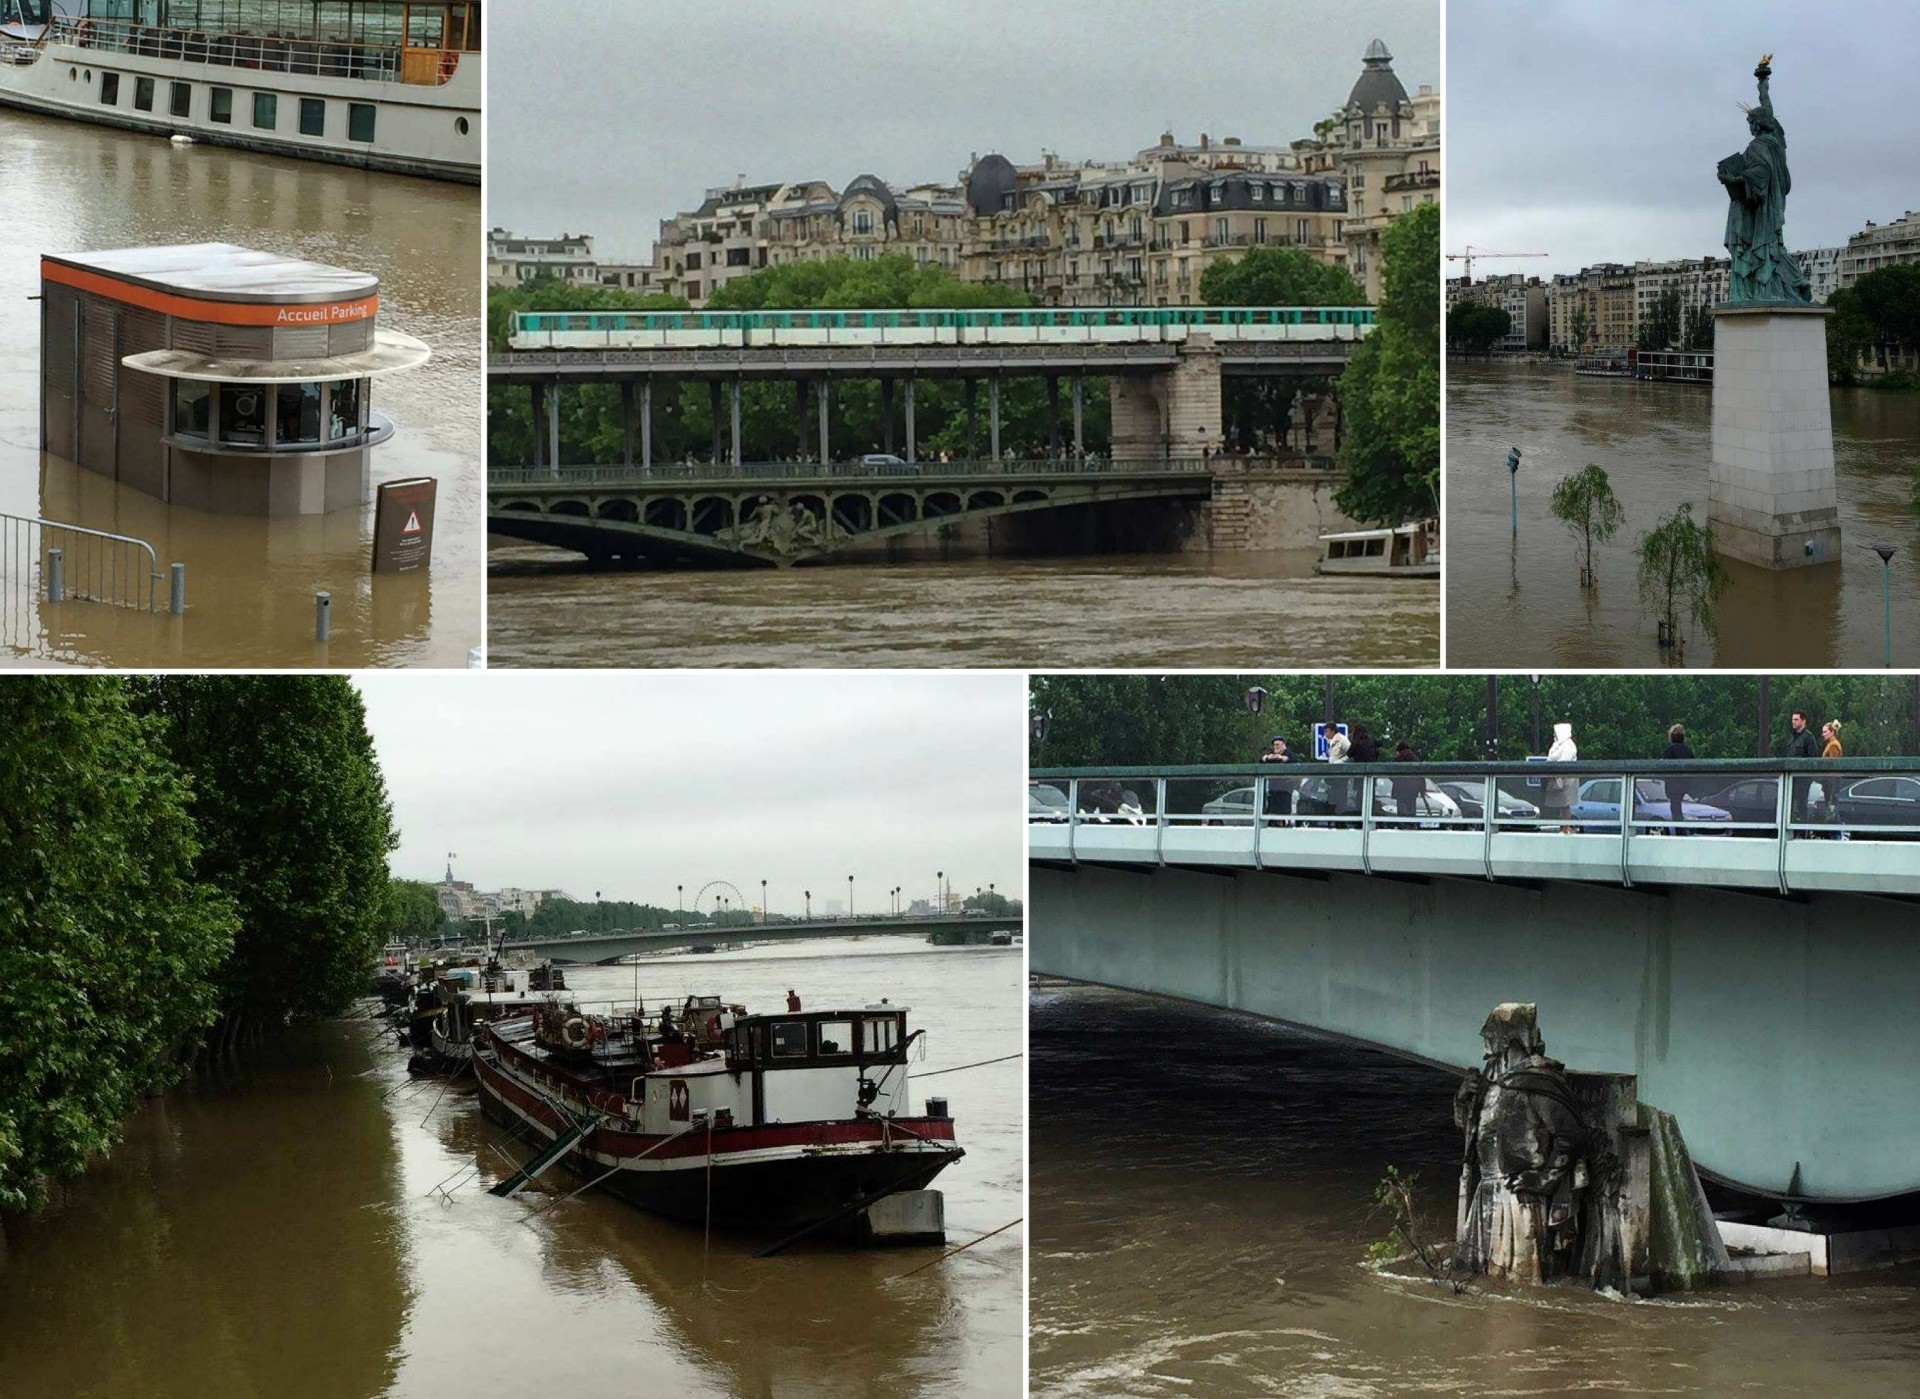 Inondations - France - Juin 2016 - Paris - Seine - Zouave - Statue de la liberté - Crue - Palais de Tokyo - Pont de Bir Hakeim